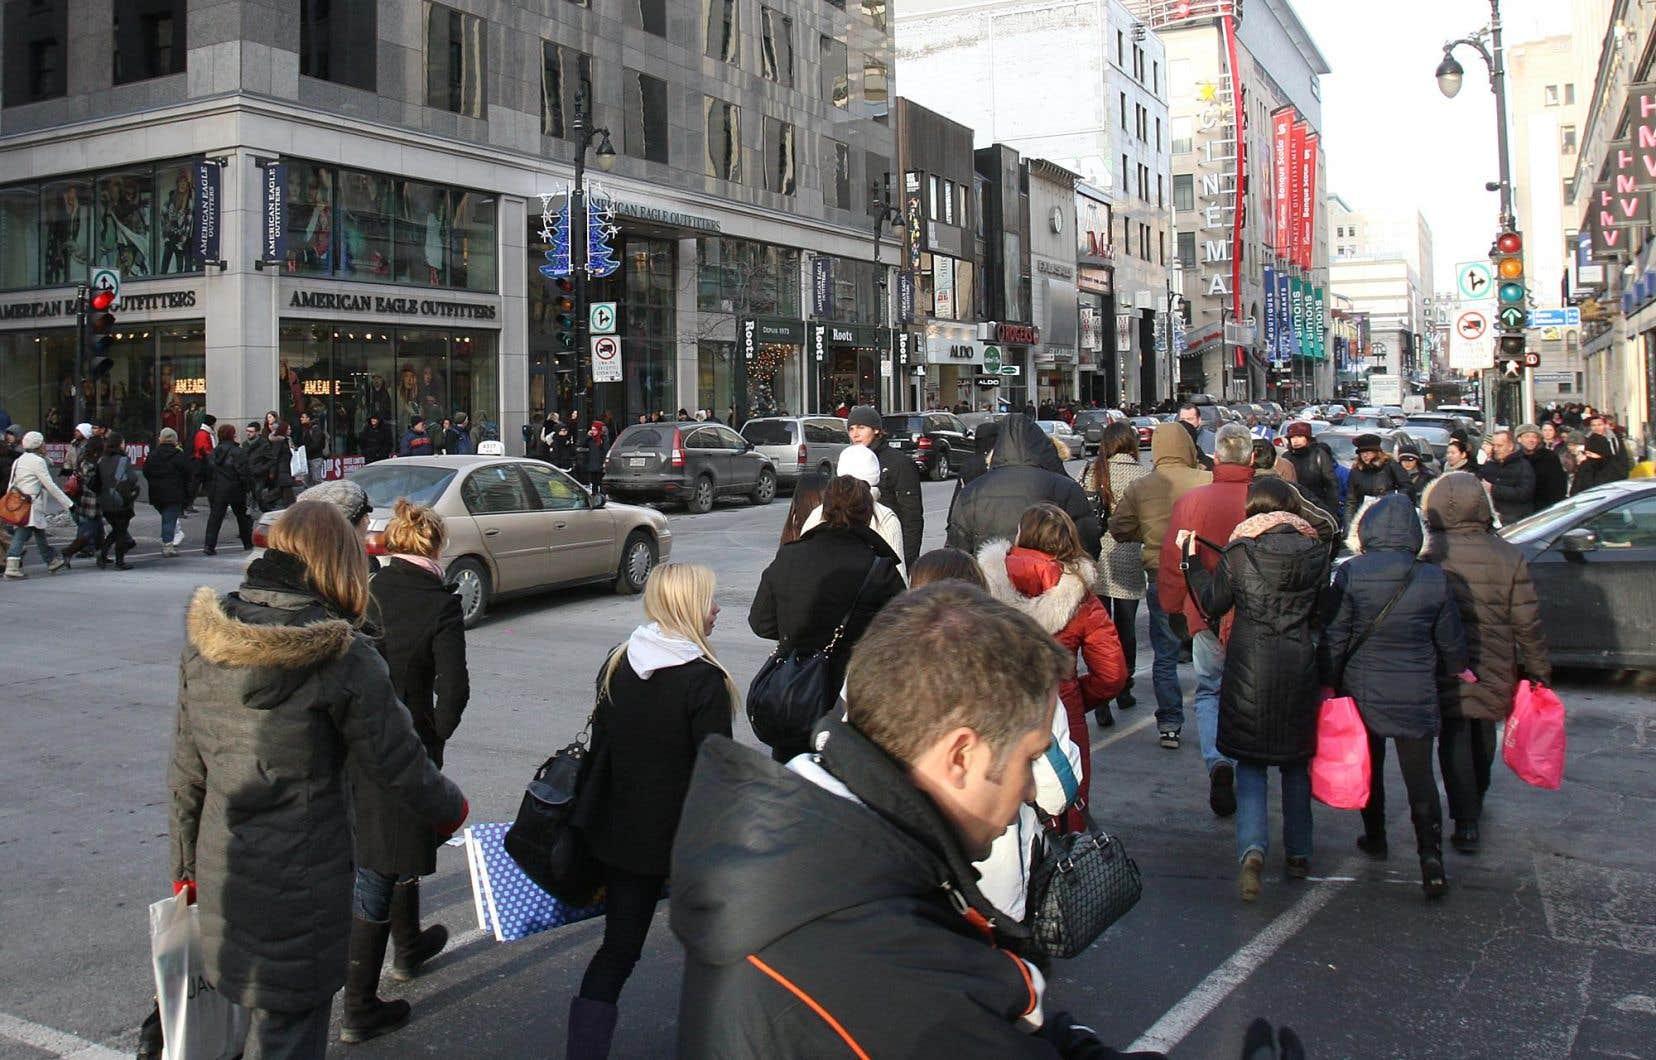 Au cumul, pour les 10 premiers mois de 2018, le nombre de dossiers d'insolvabilité déposés par des consommateurs a connu une augmentation de 1,5% par rapport aux dix premiers mois de 2017.